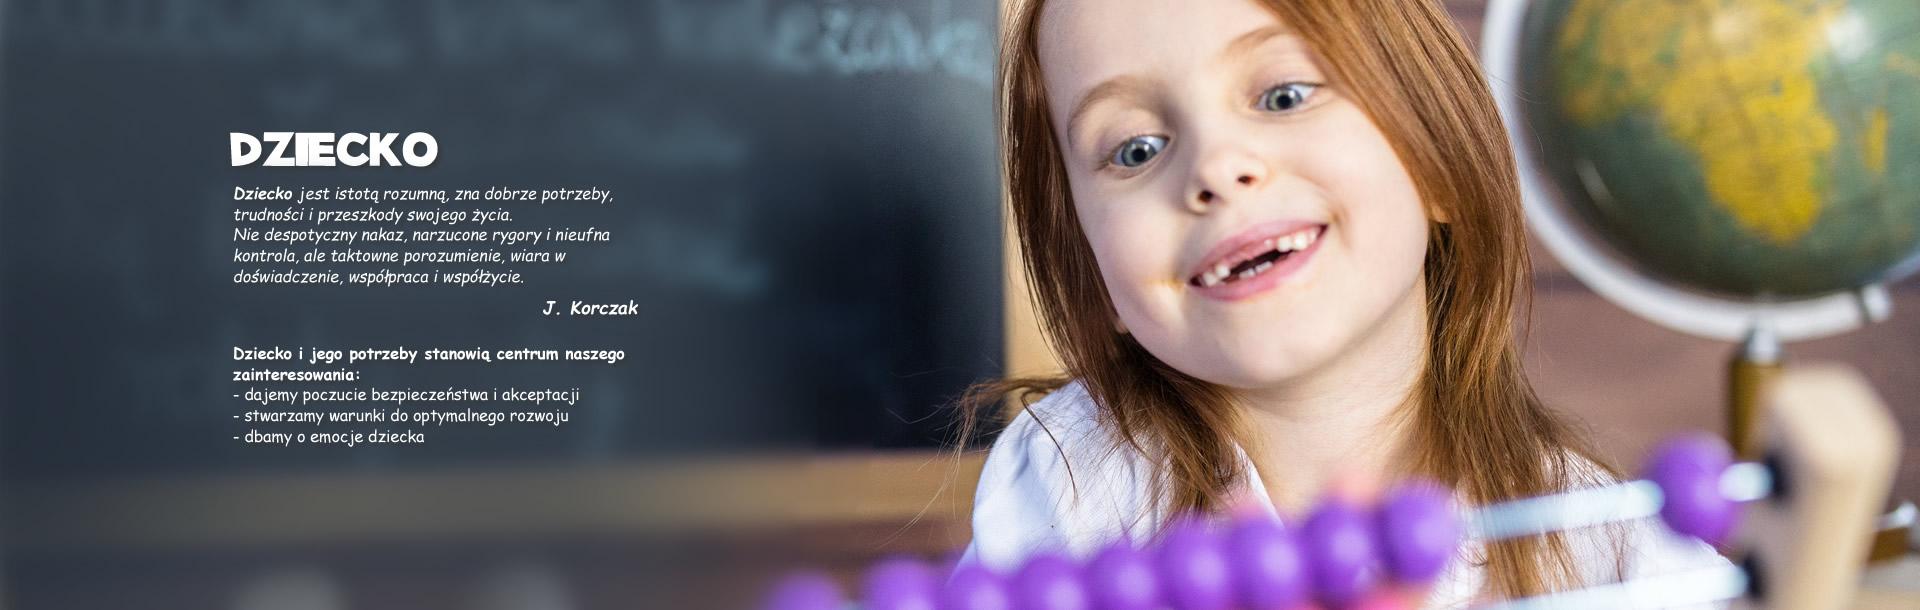 Dziecko jest istotą rozumną, zna dobrze potrzeby, trudności i przeszkody swojego życia.